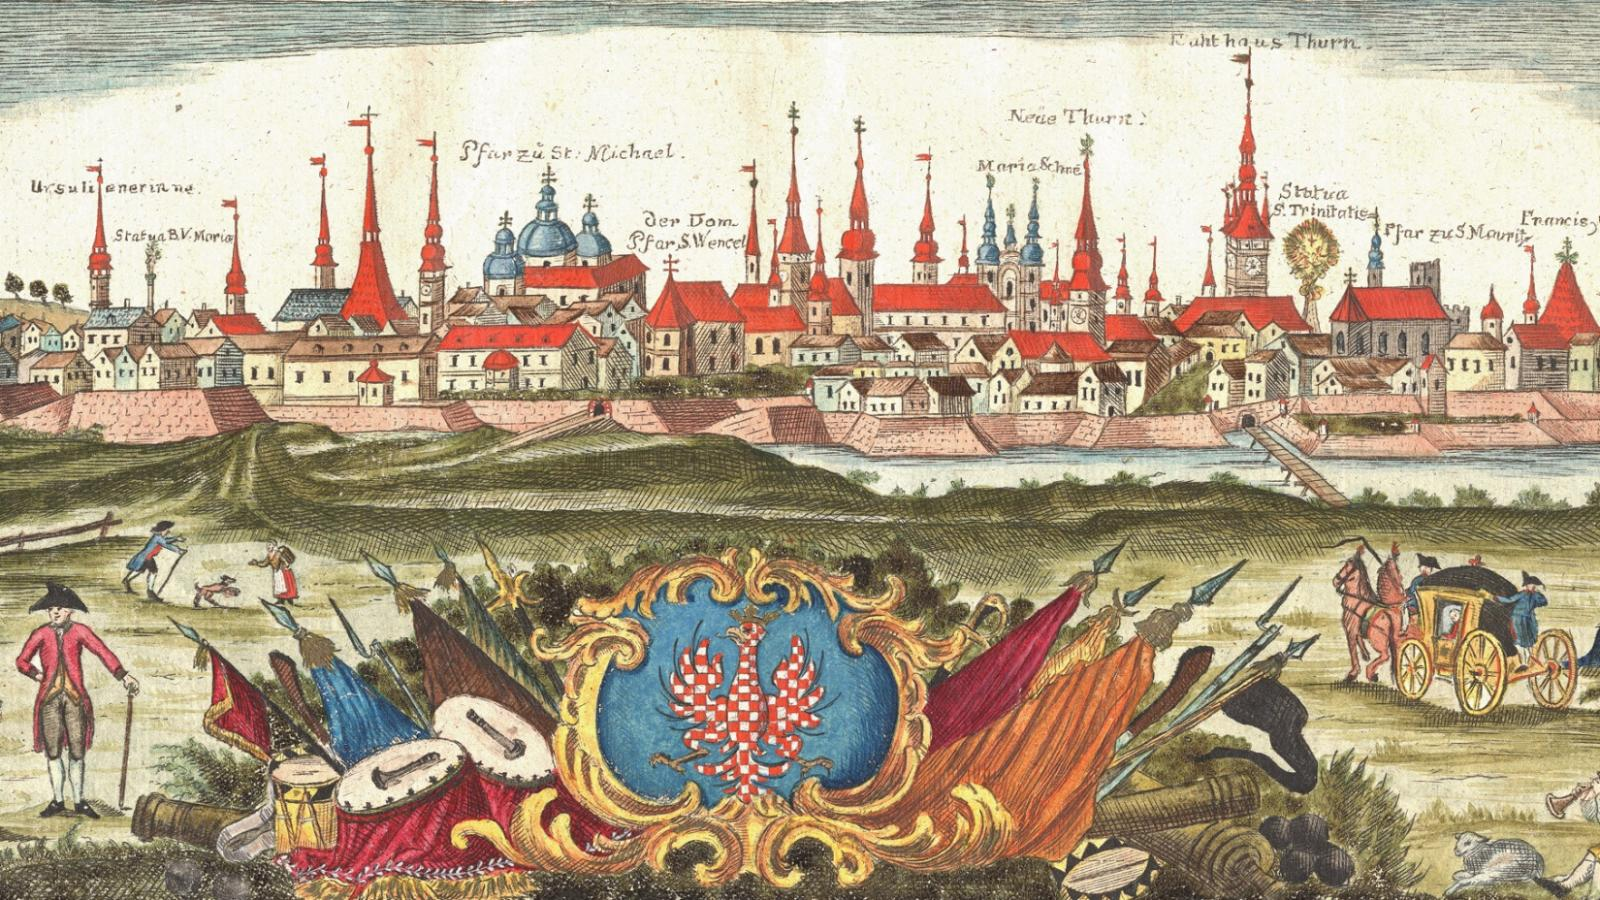 Rytina z roku 1758 - pohled na císařsko-královské hlavní město Olomouc